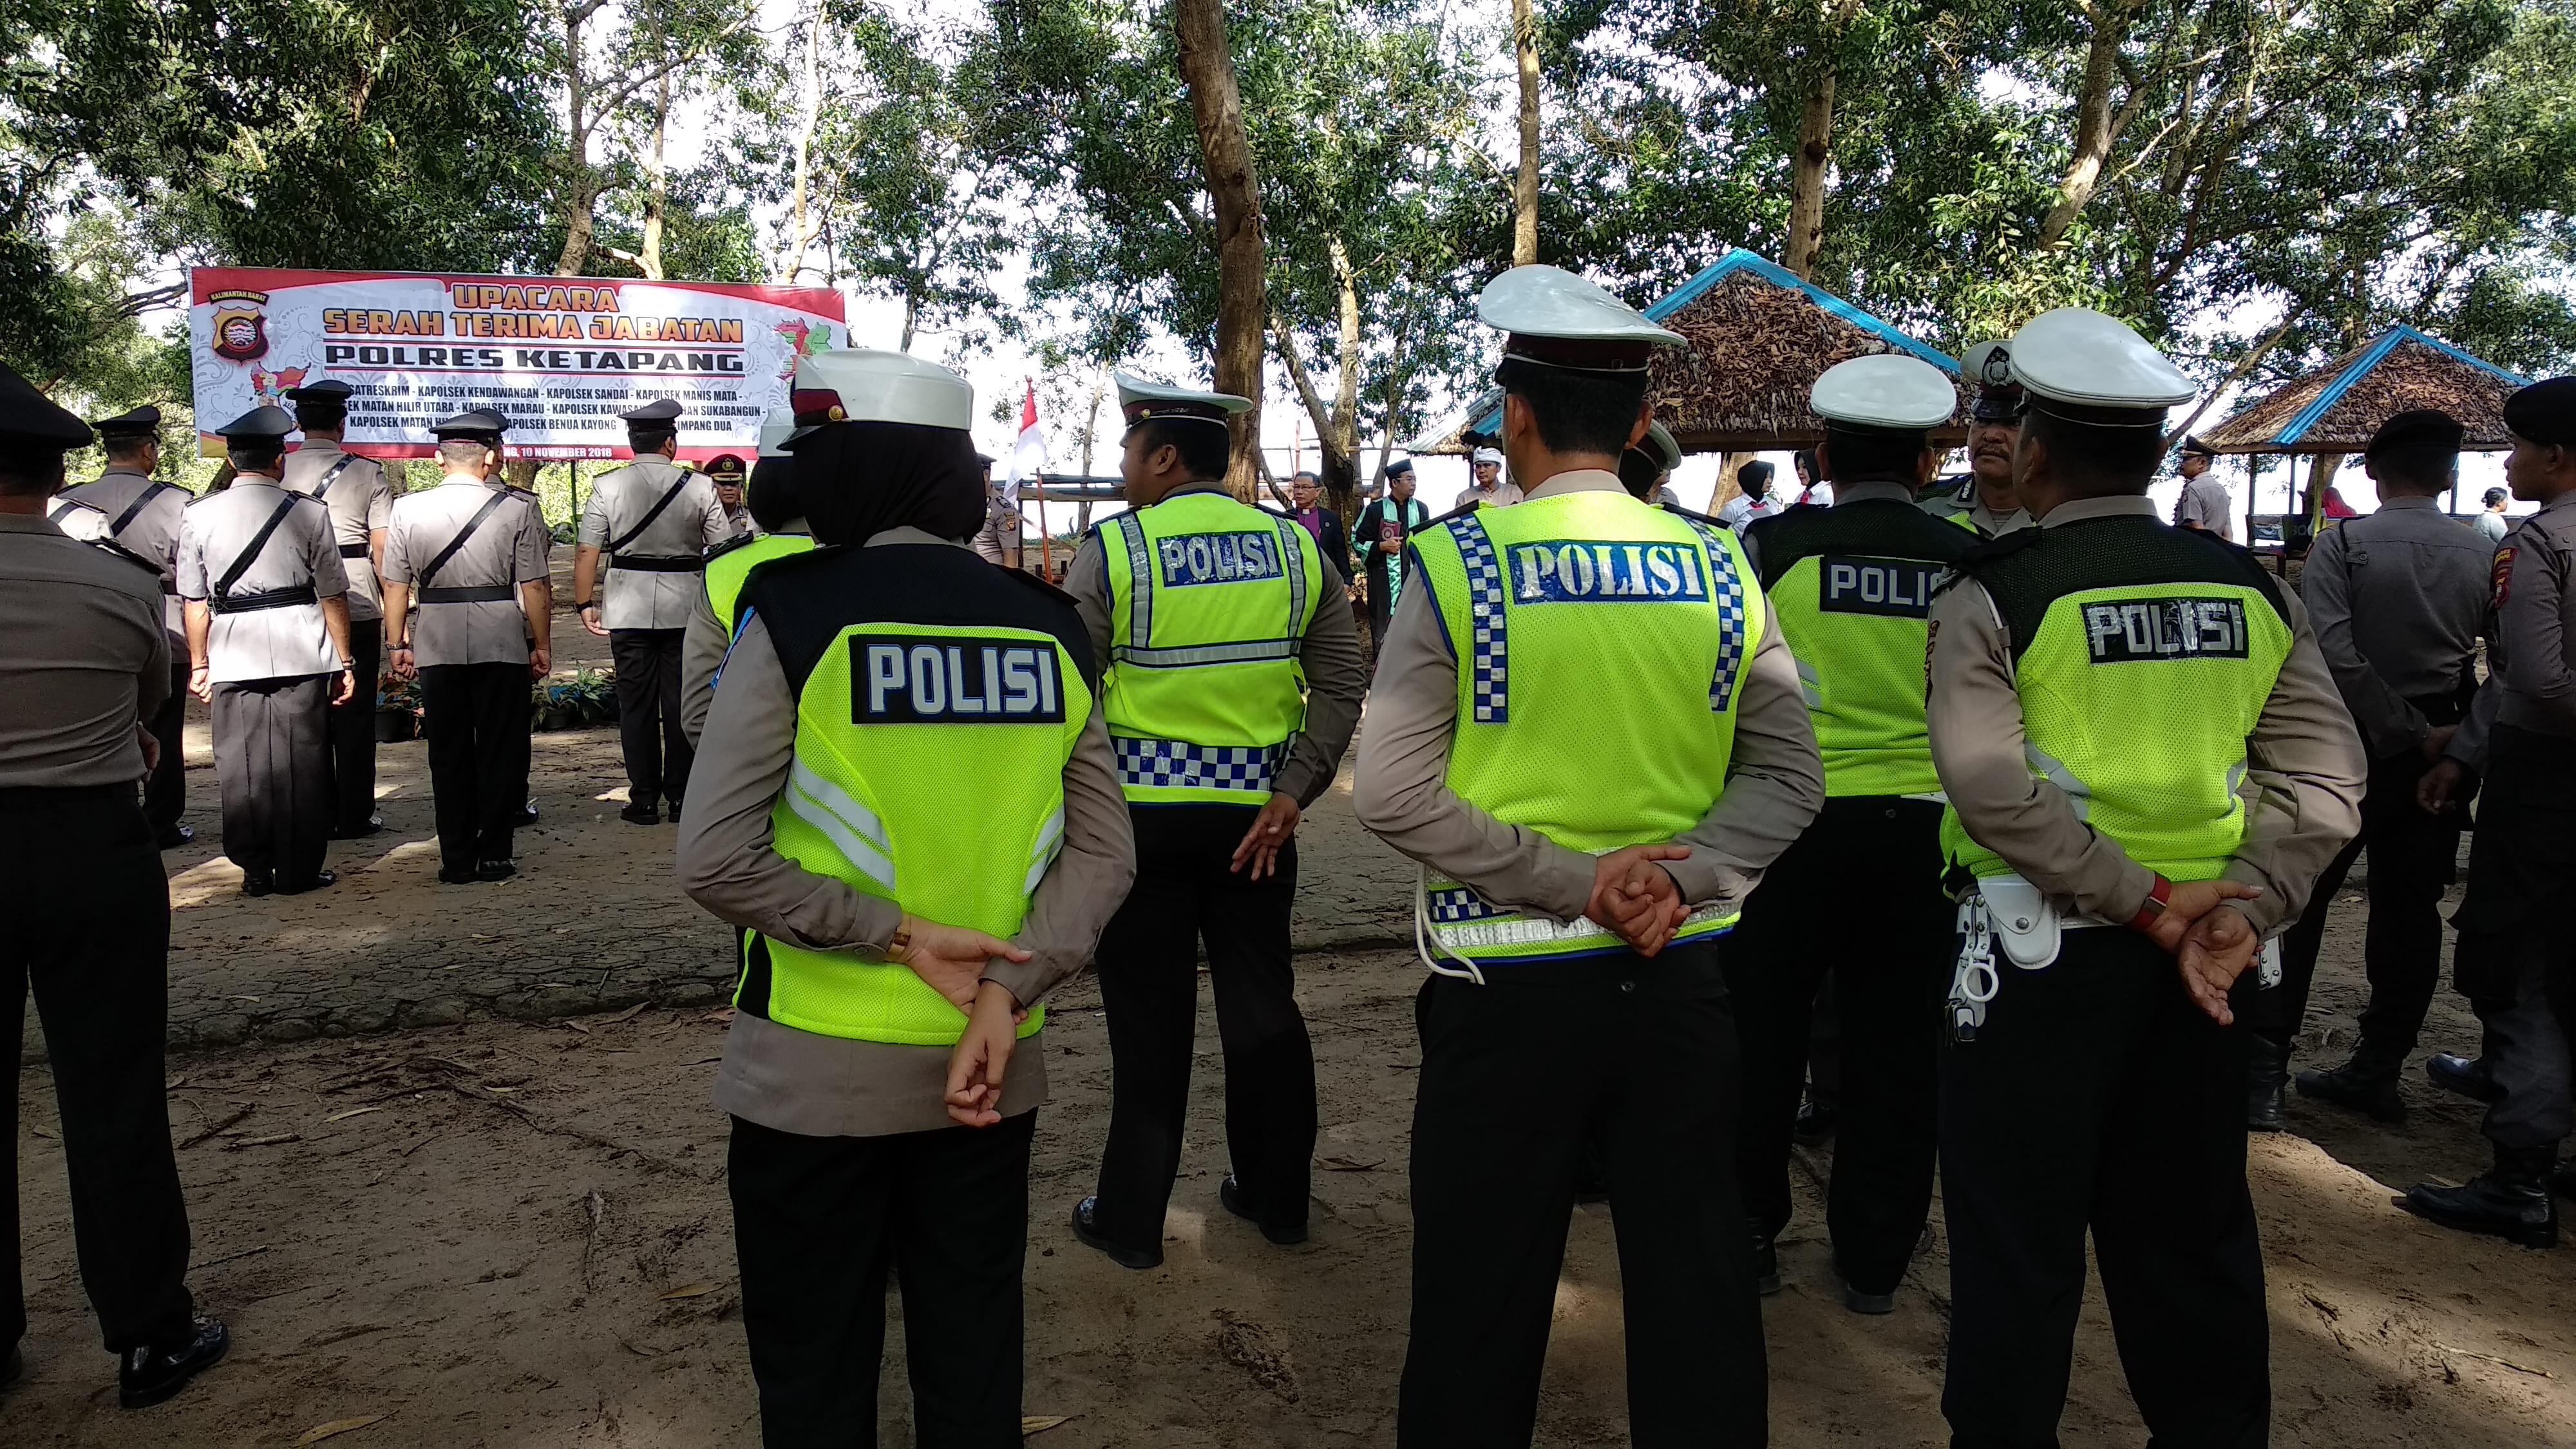 Ramai polisi dari Satlantas dan staf Polres, ini yang terjadi di pantai Air mata permai Ketapang